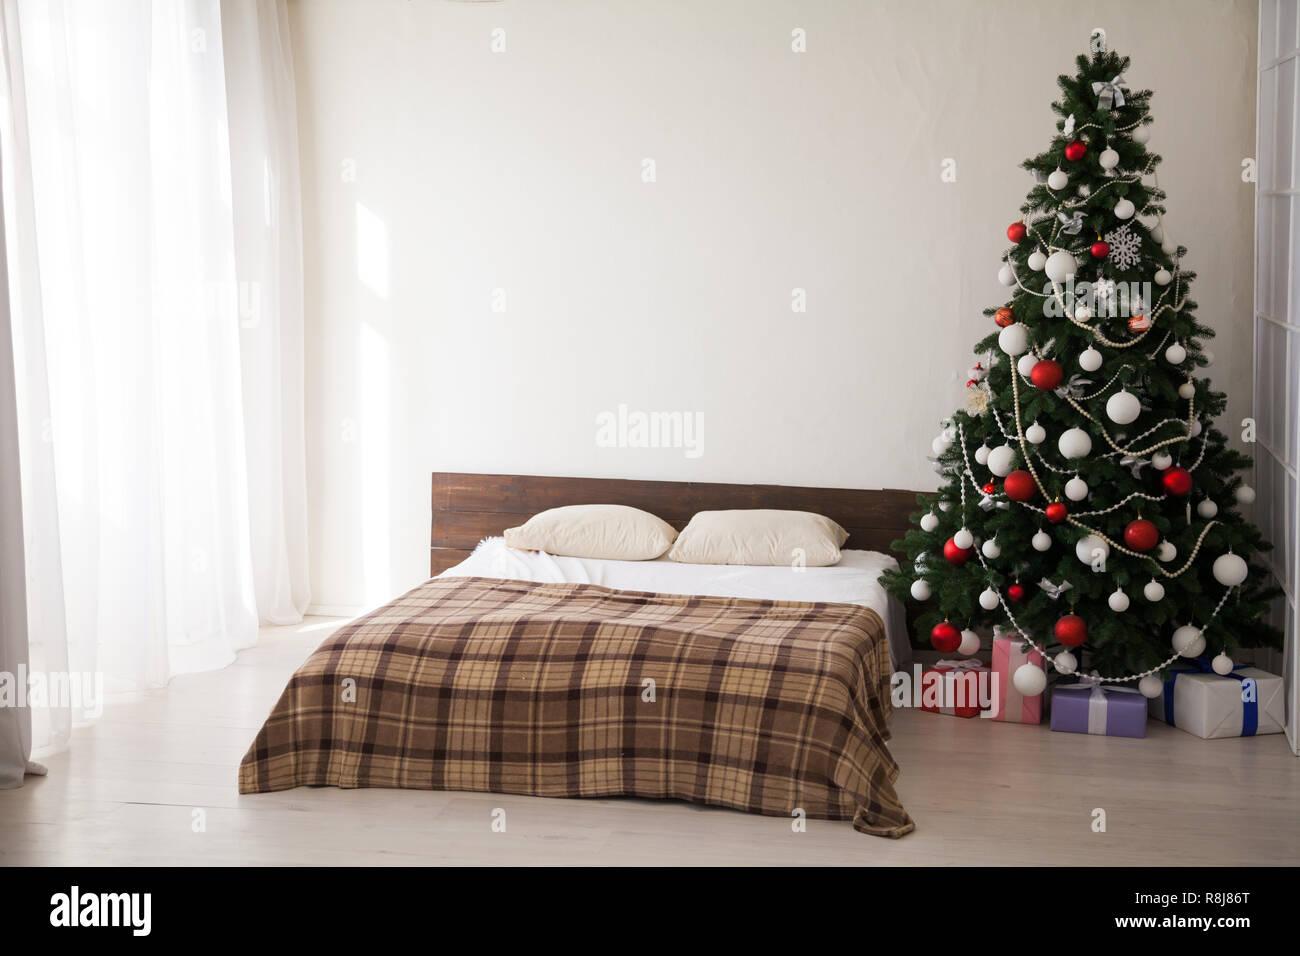 Schlafzimmer leuchten Weihnachtsbaum-Girlande neues Jahr ...